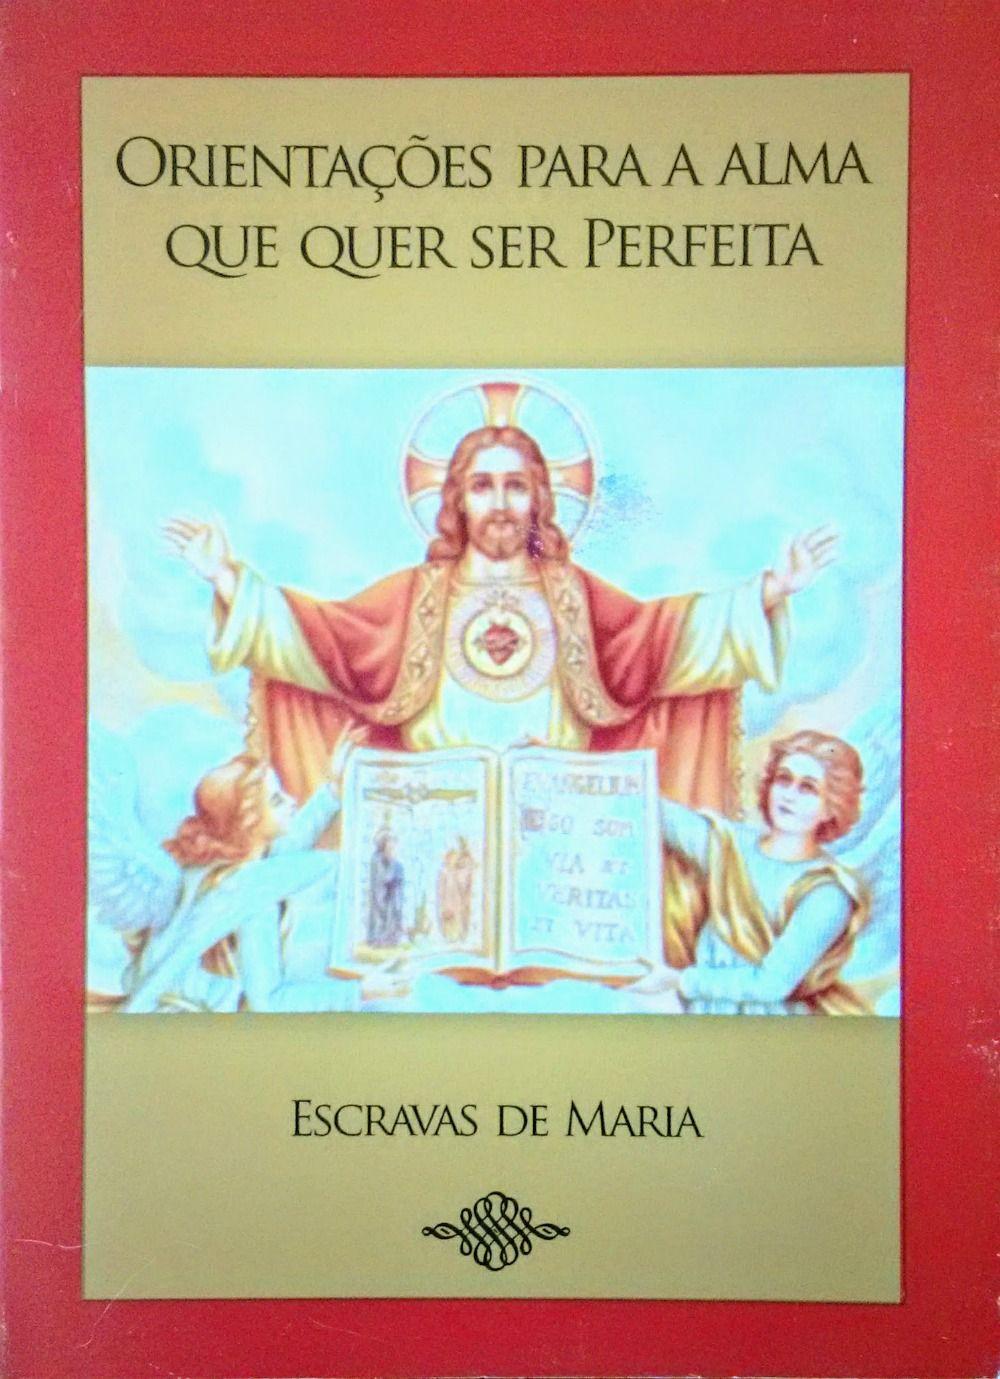 Orientações Para a Alma Que Quer Ser Perfeita - A. M. D. G.  - Livraria Santa Cruz